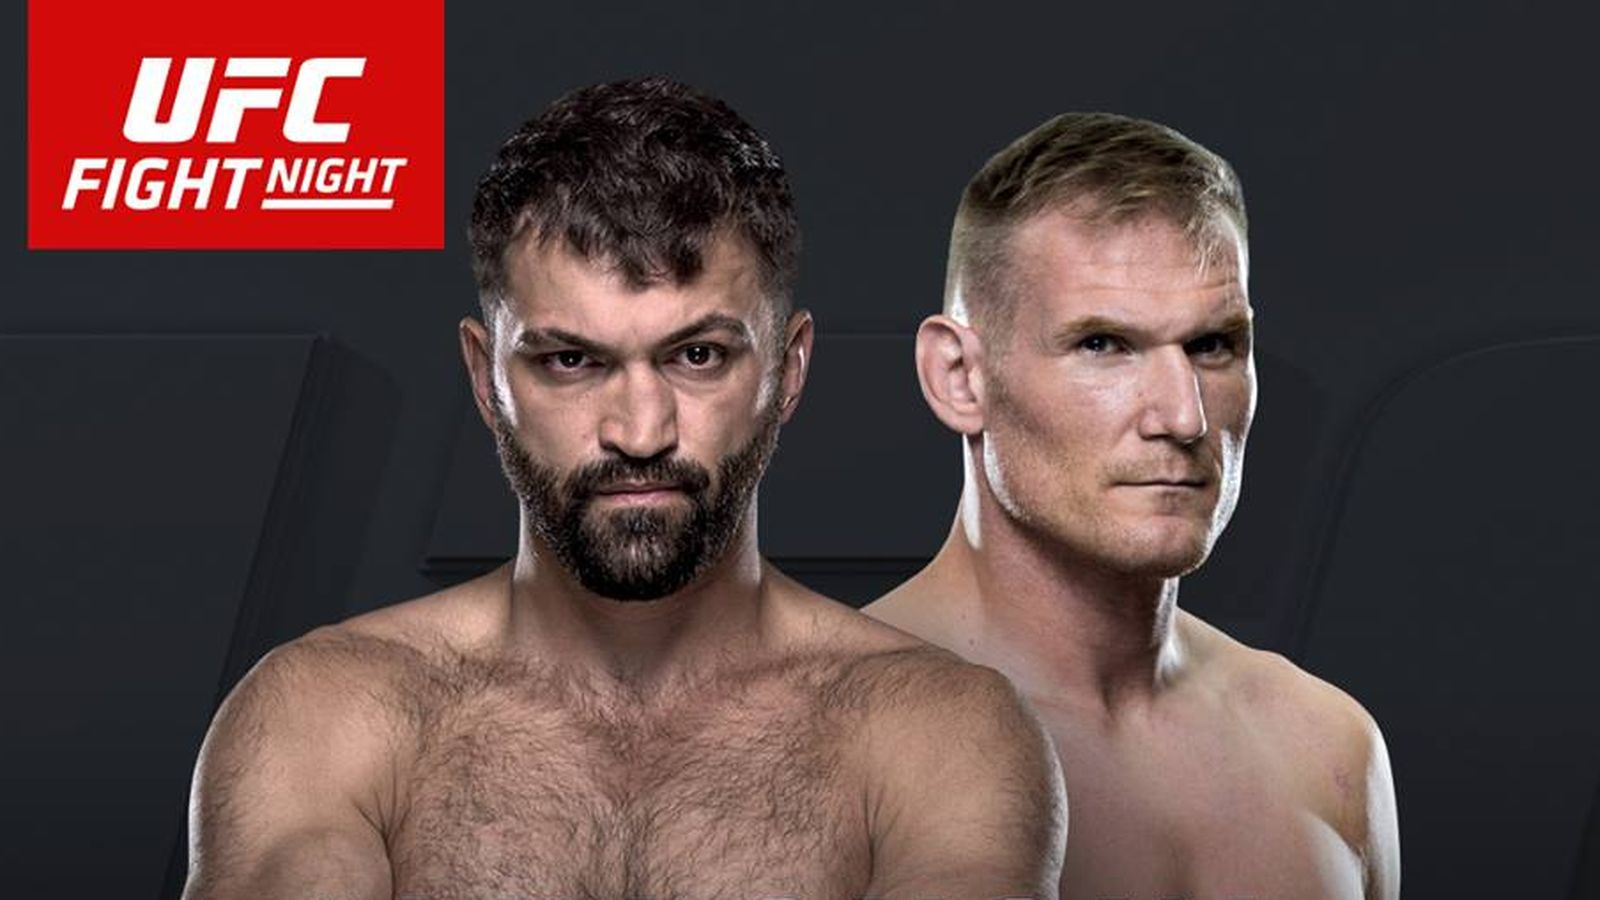 UFC Hamburg - Andrei Arlovski vs. Josh Barnett